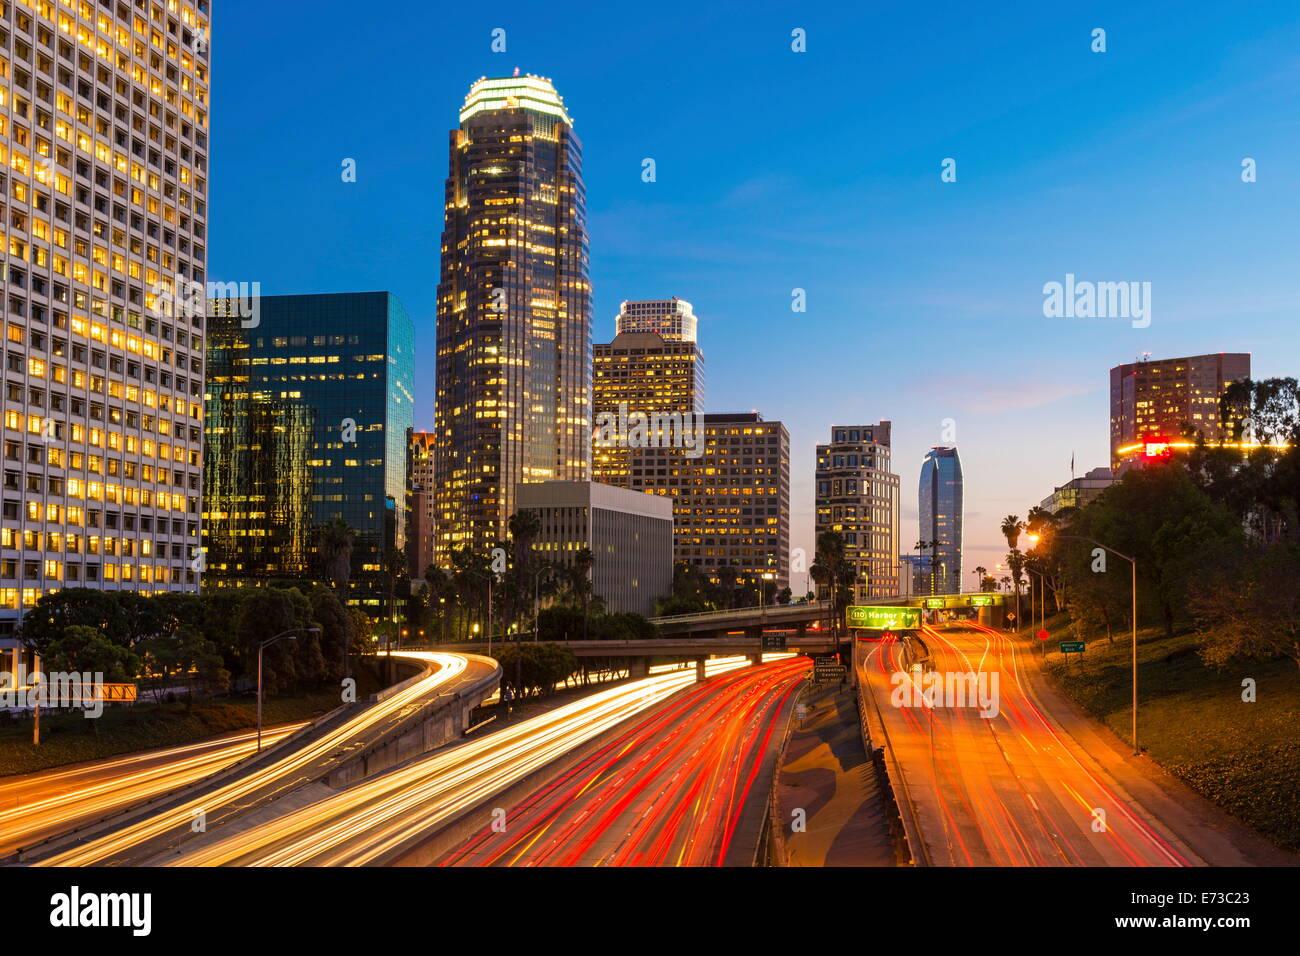 En el centro del distrito financiero de la ciudad de Los Ángeles, California, Estados Unidos de América, Imagen De Stock